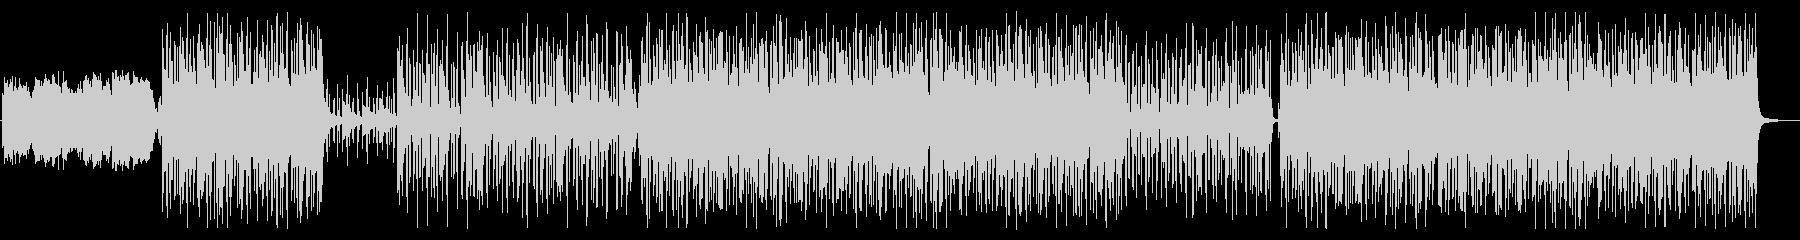 スタイリッシュなRnBエフェクト無の未再生の波形